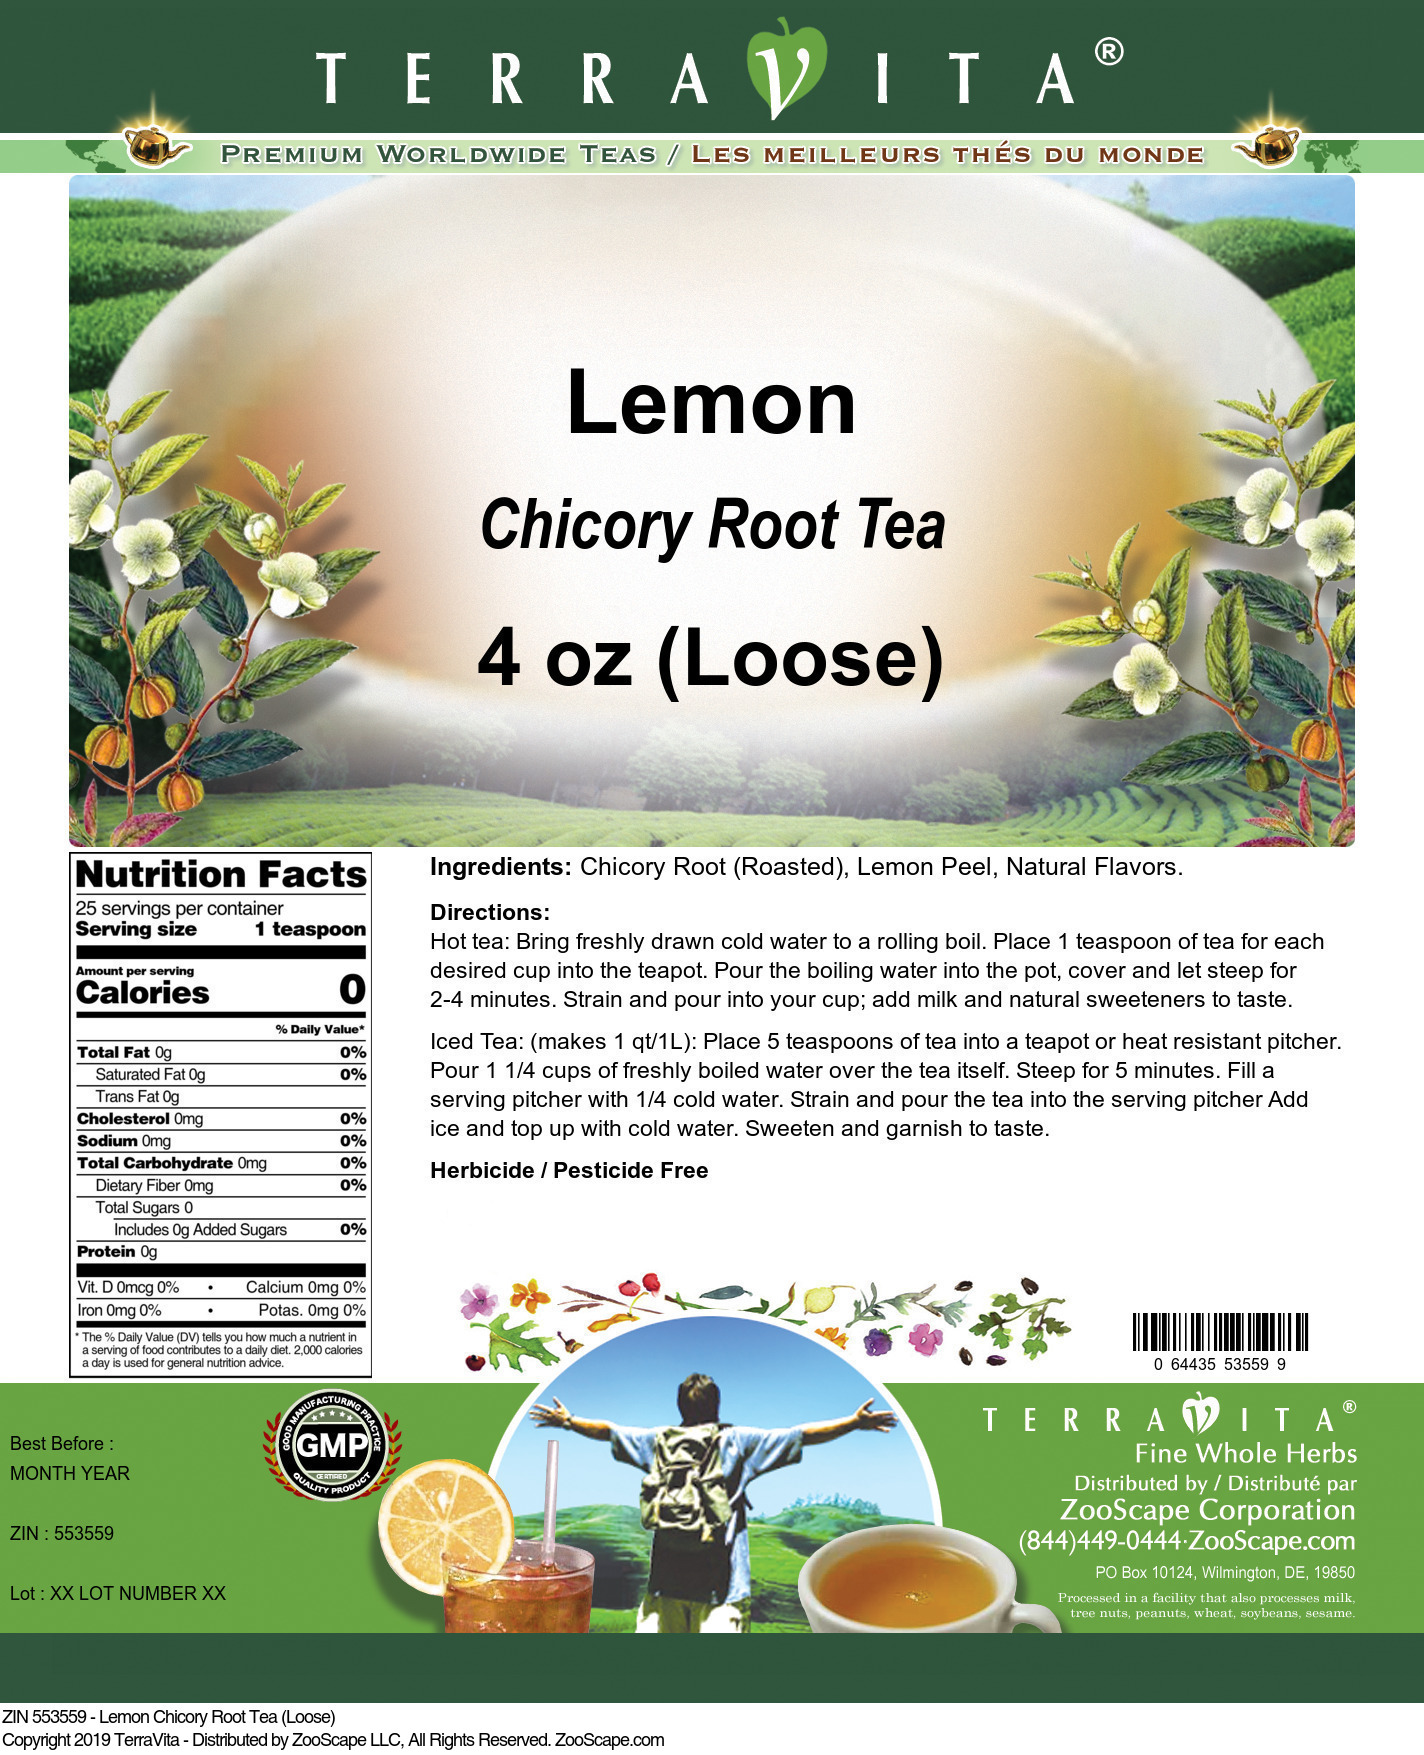 Lemon Chicory Root